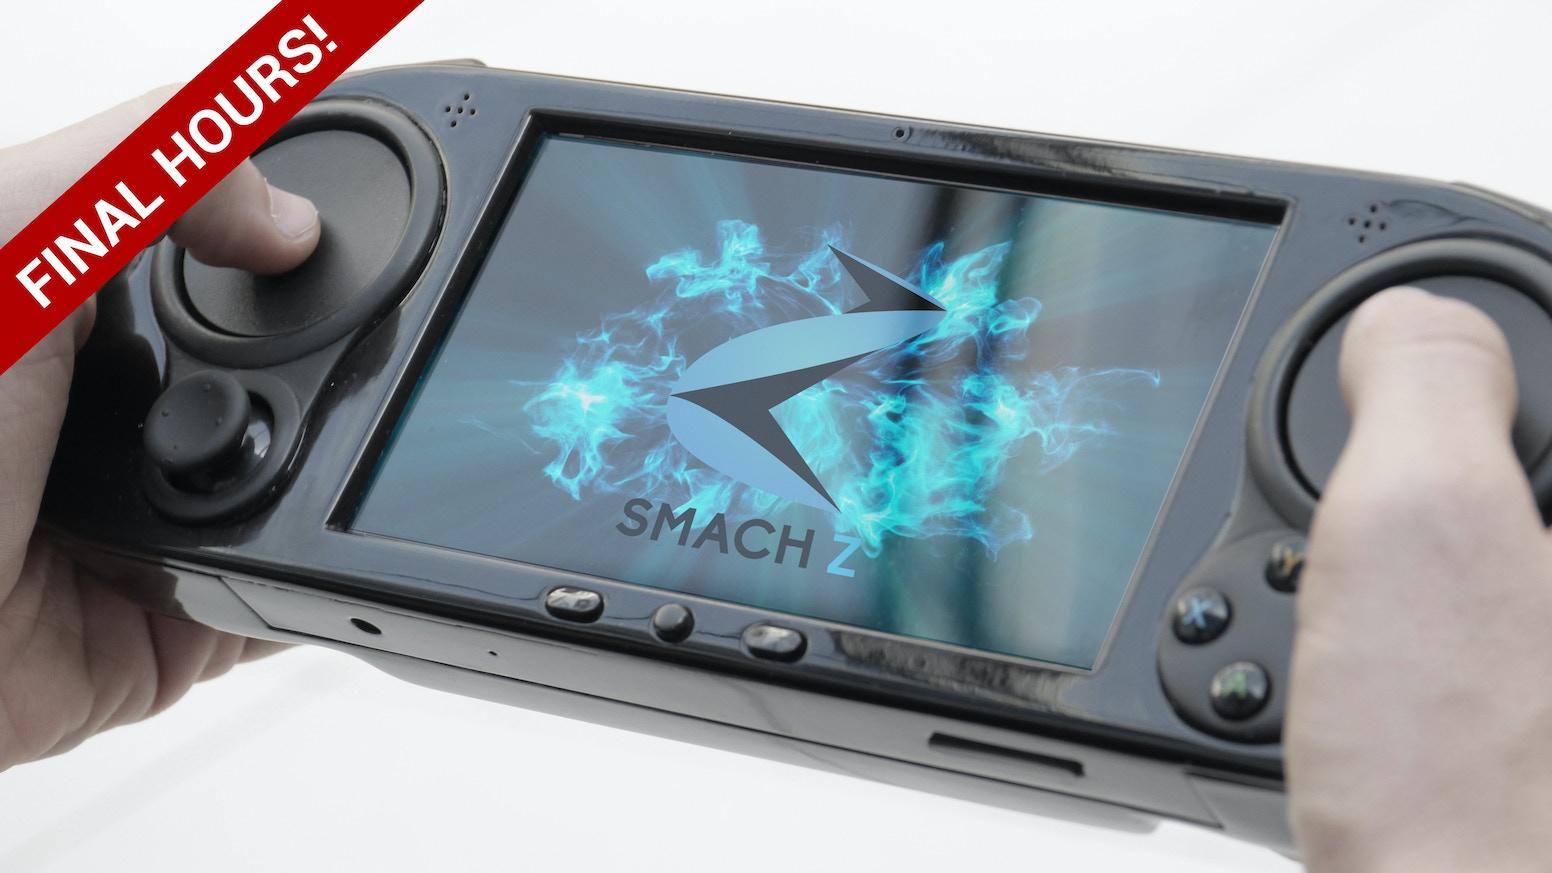 האופנה האופנתית SMACH Z - The Handheld Gaming PC by SMACH Team — Kickstarter OP-45